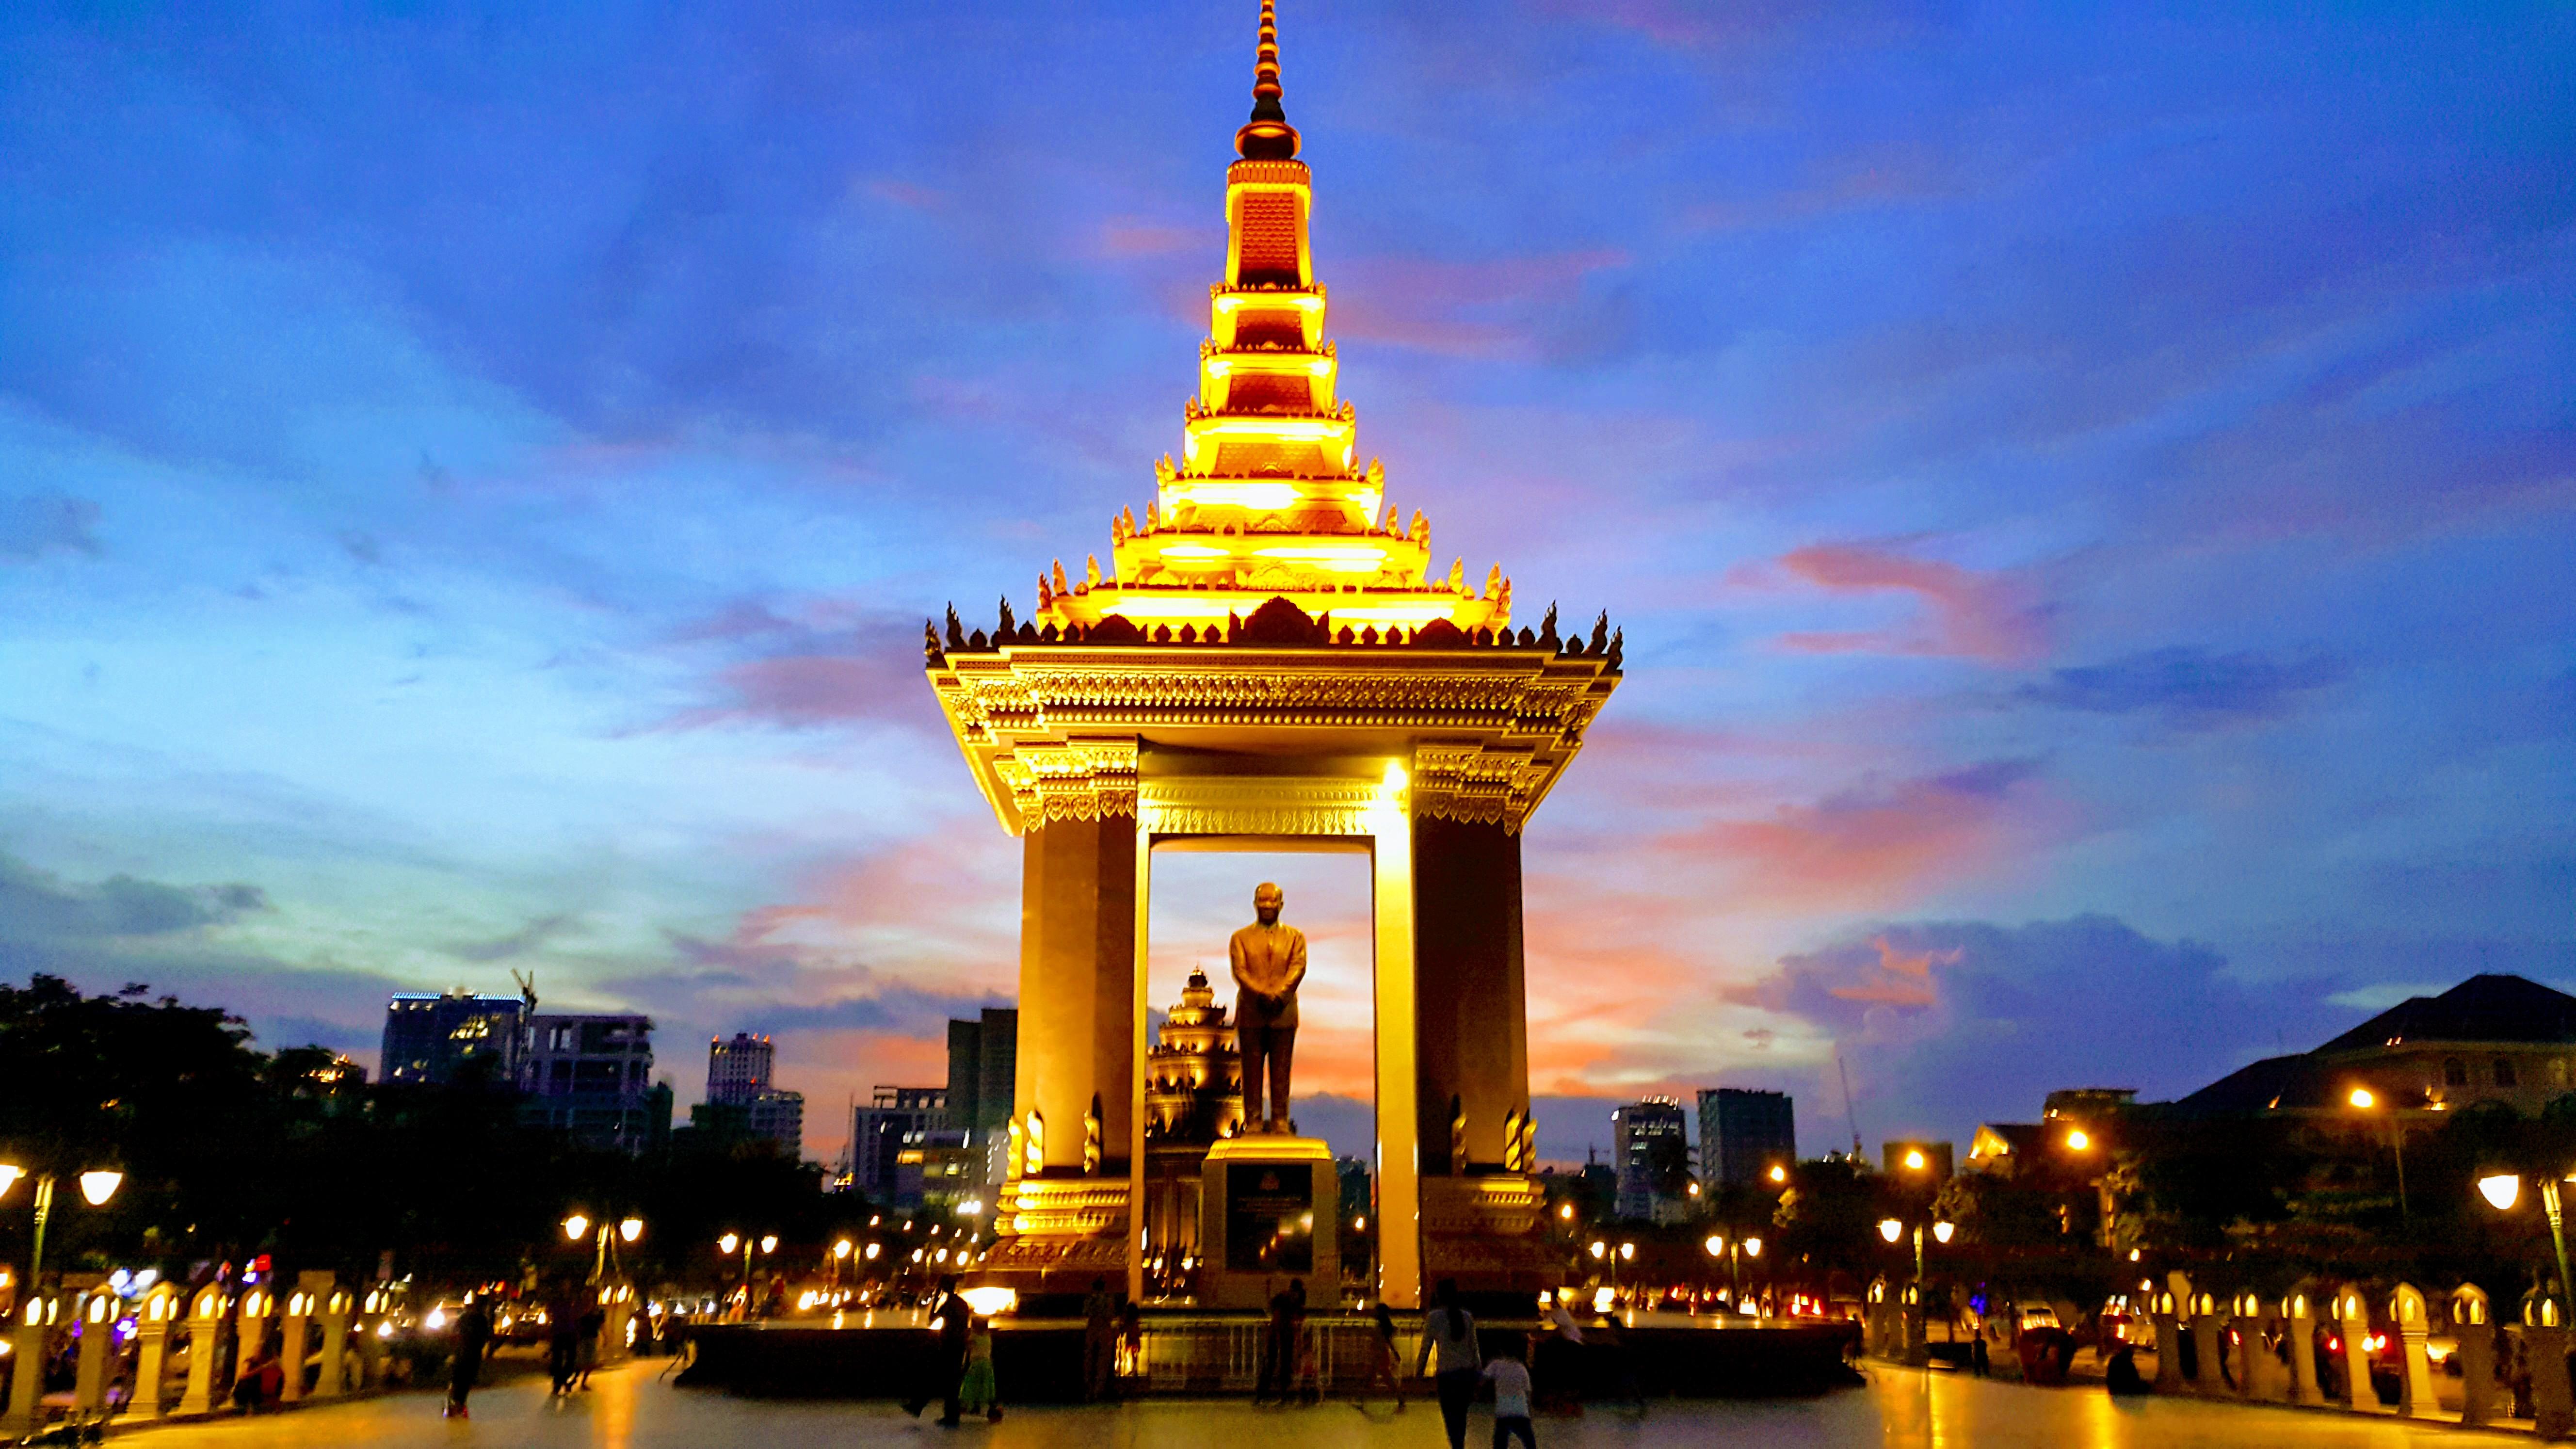 Bağımsızlık Anıtı, Phnom Penh Gezilecek Yerler Listesinde İlk Sırada